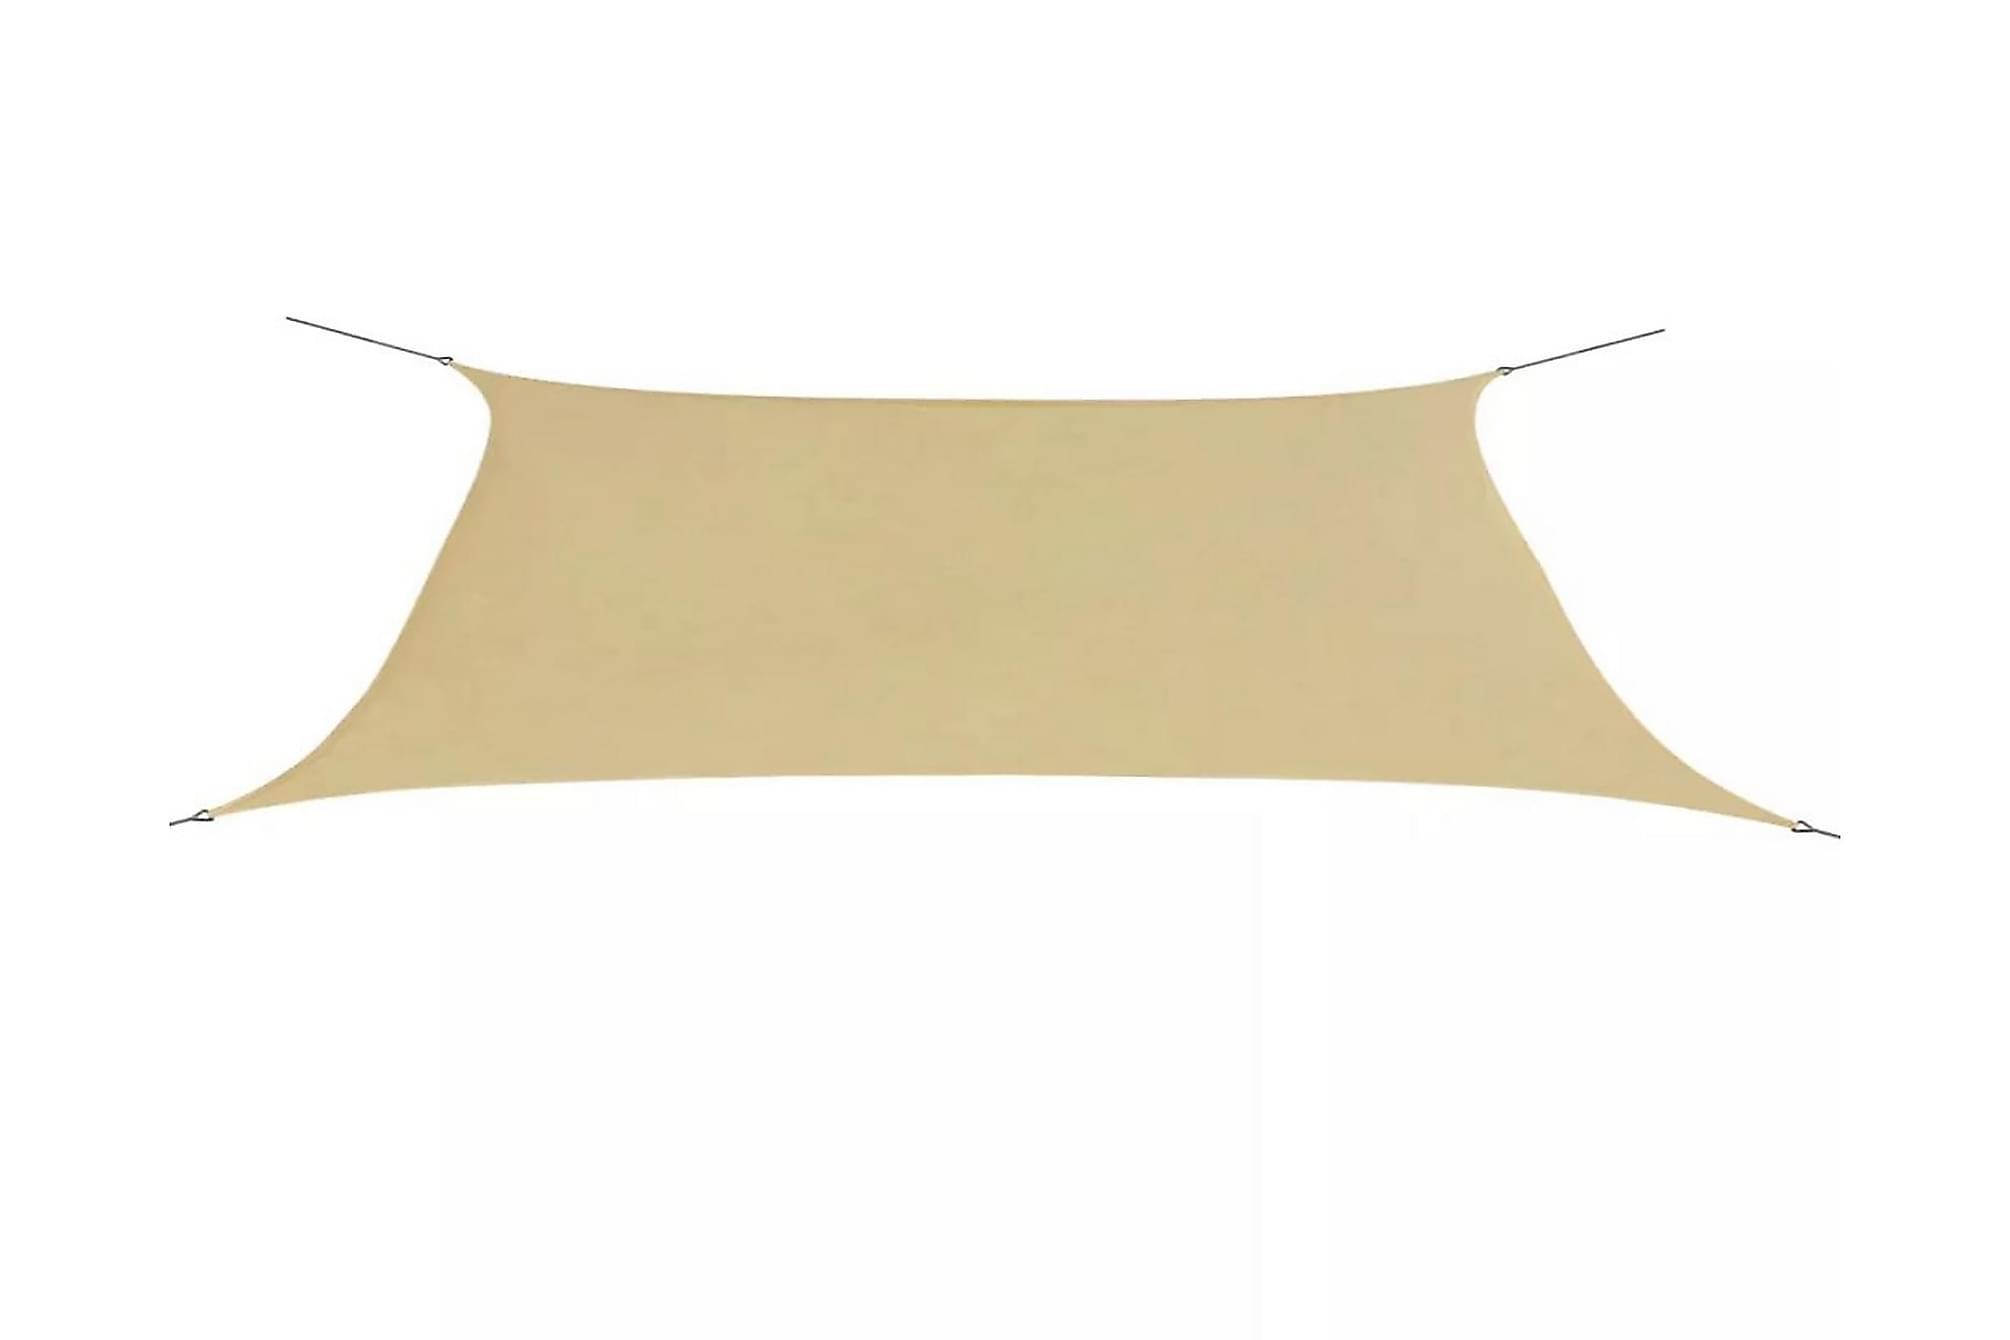 Solsegel Oxfordtyg rektangulärt 4x6 m beige